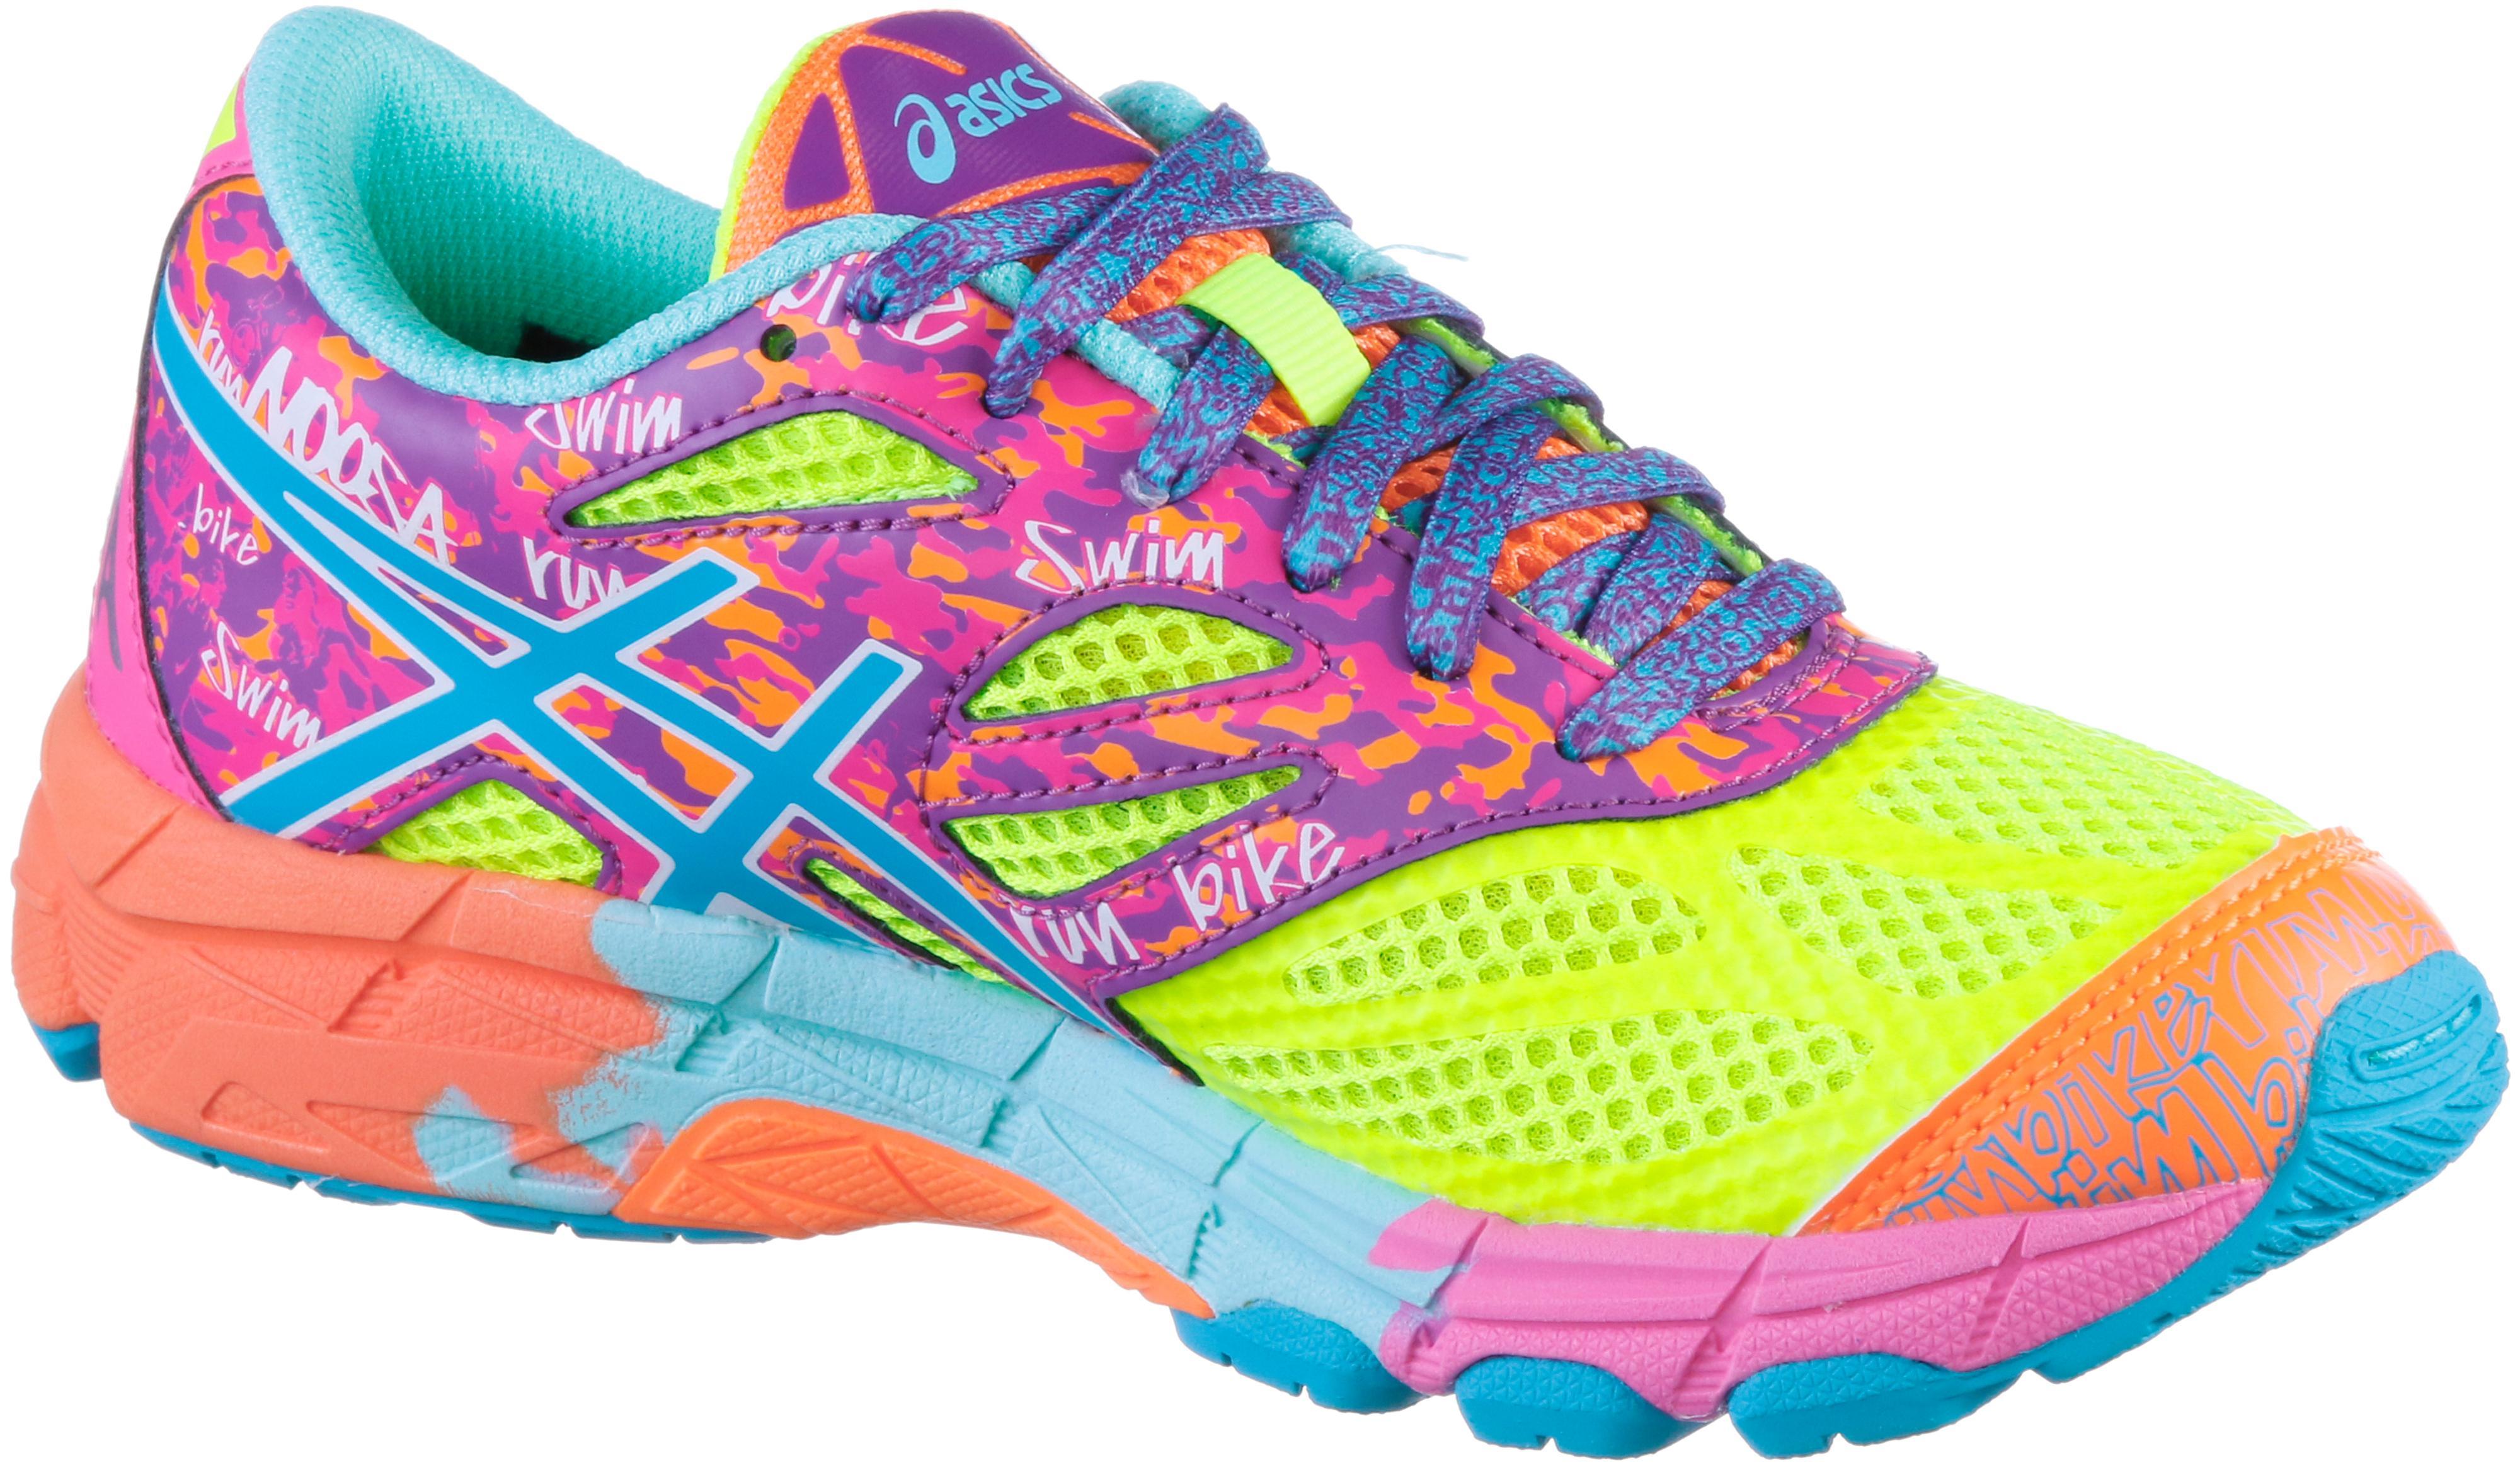 ASICS GEL NOOSA TRI 10 GS Laufschuhe Kinder neongelbtürkisneonpink im Online Shop von SportScheck kaufen